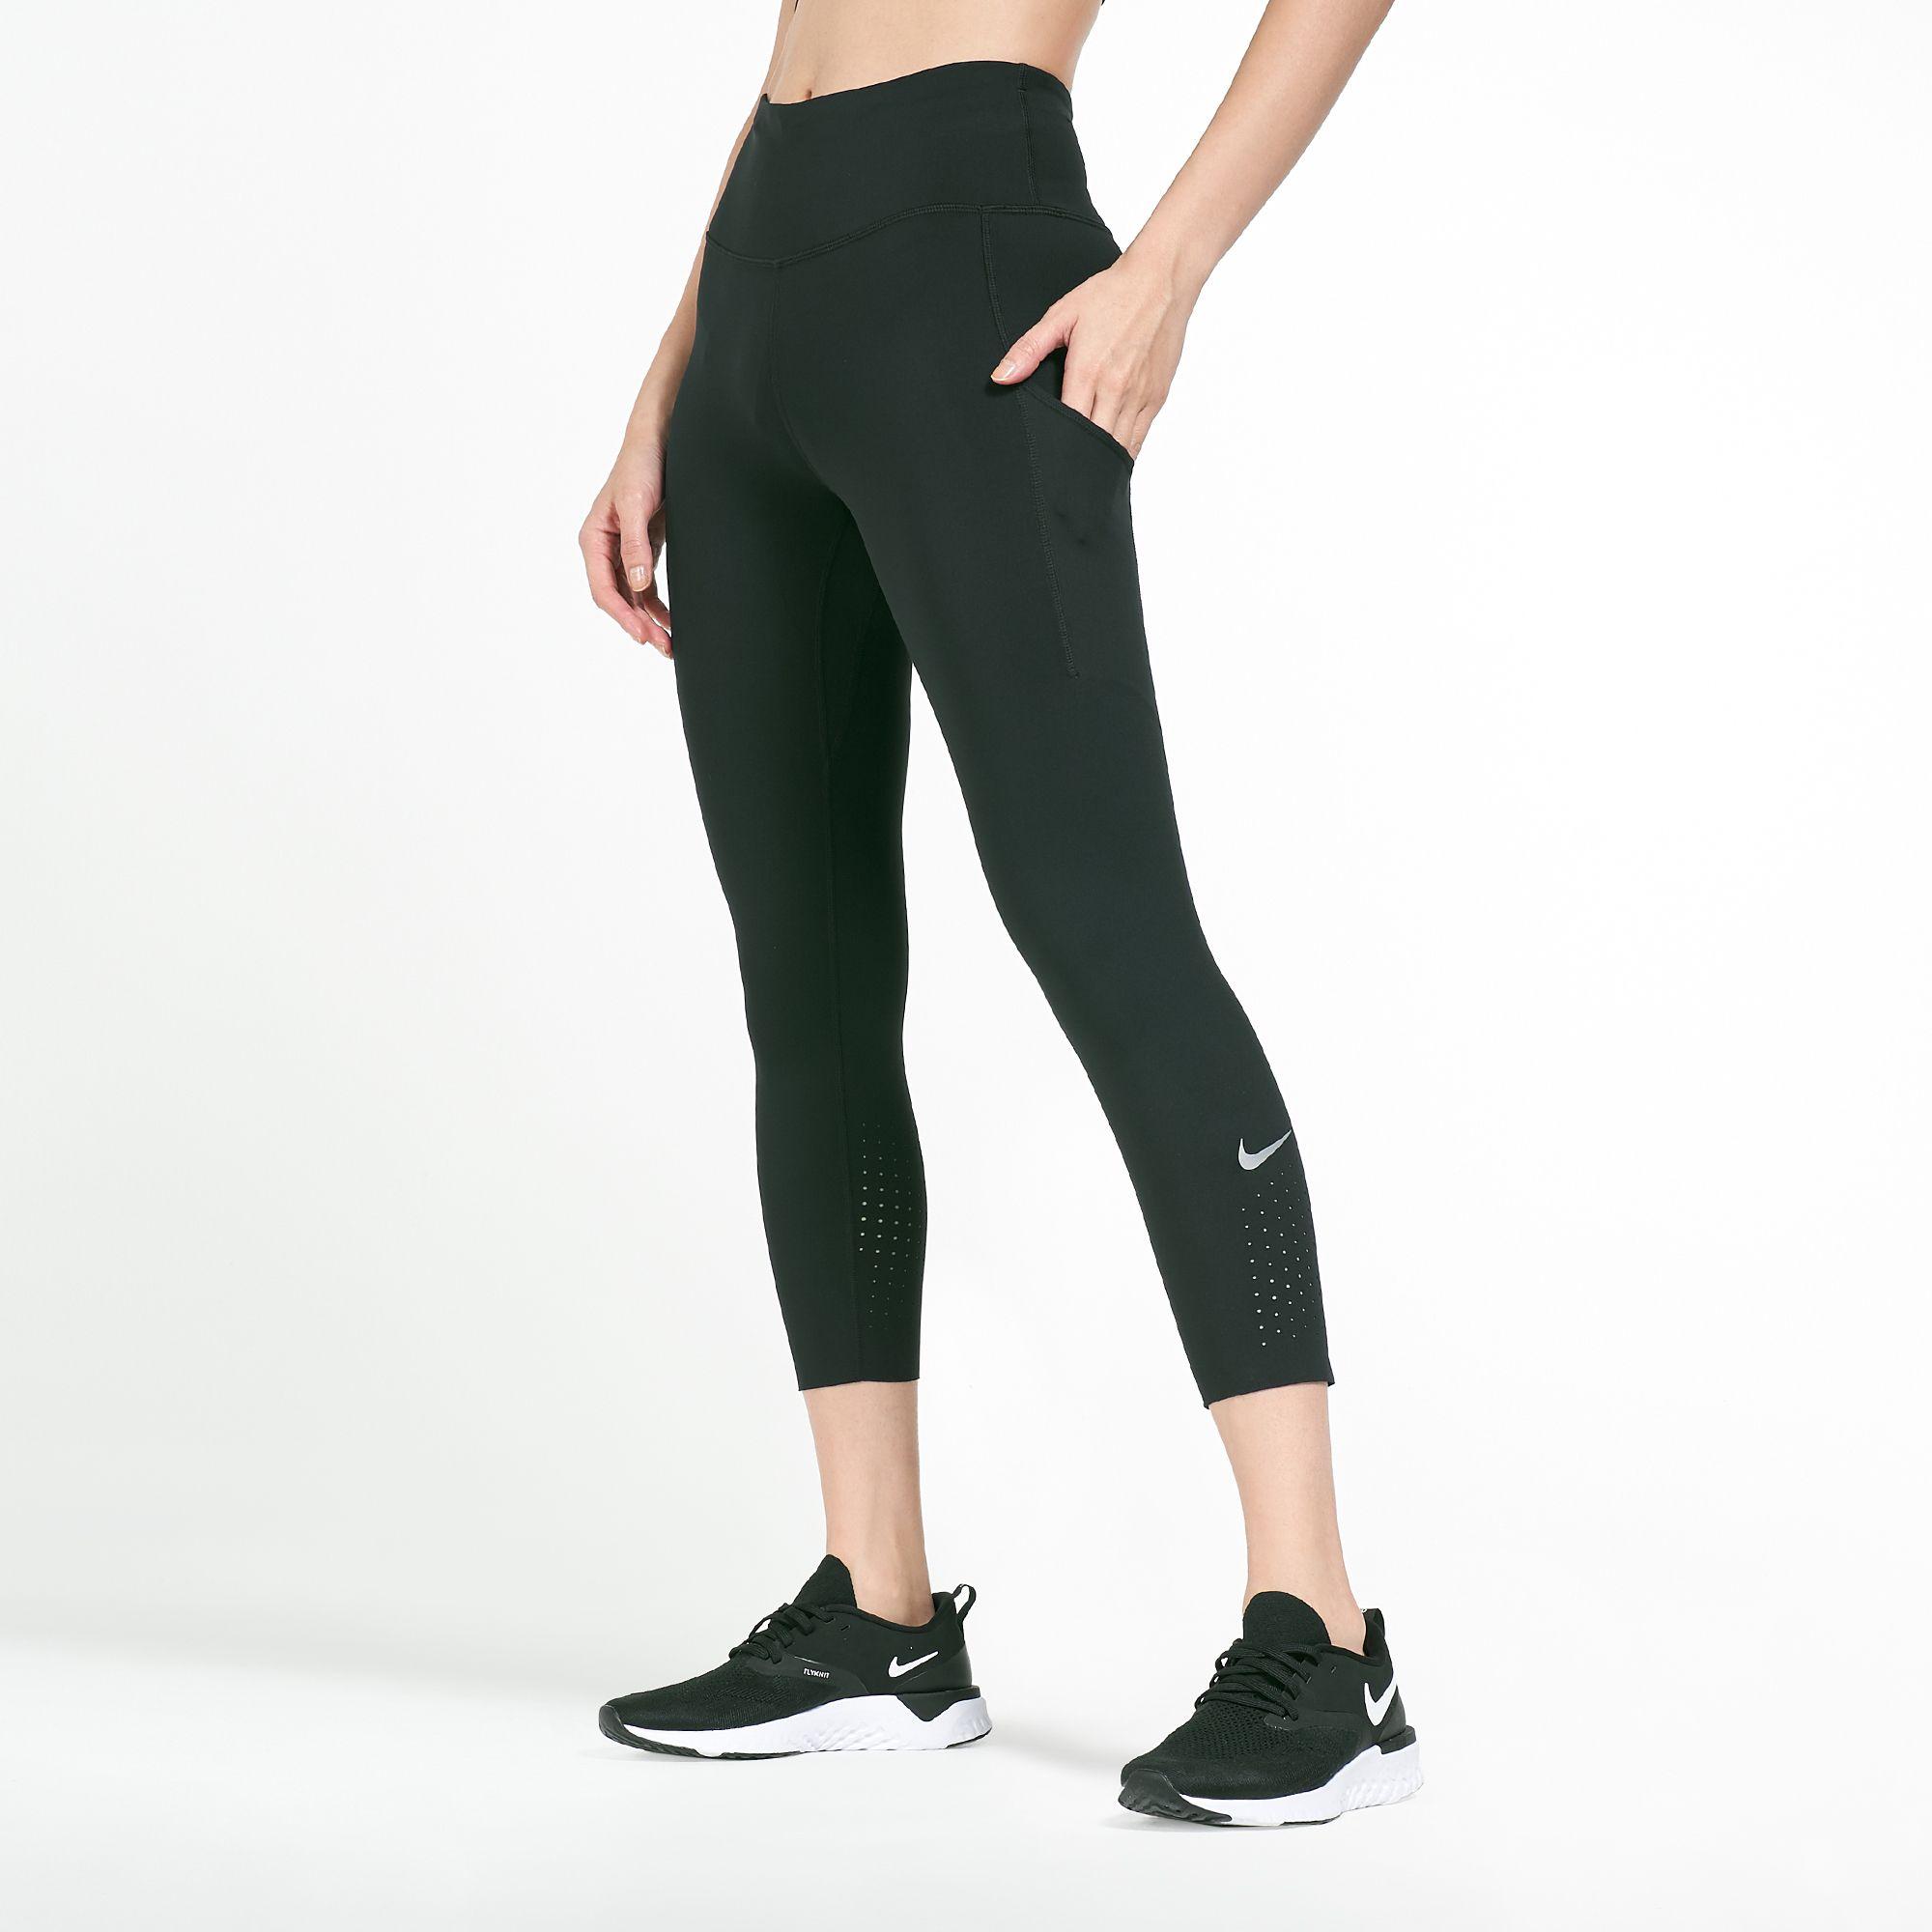 Nike Women S Epic Lux Crop Leggings Full Length Leggings Leggings Clothing Womens Sss